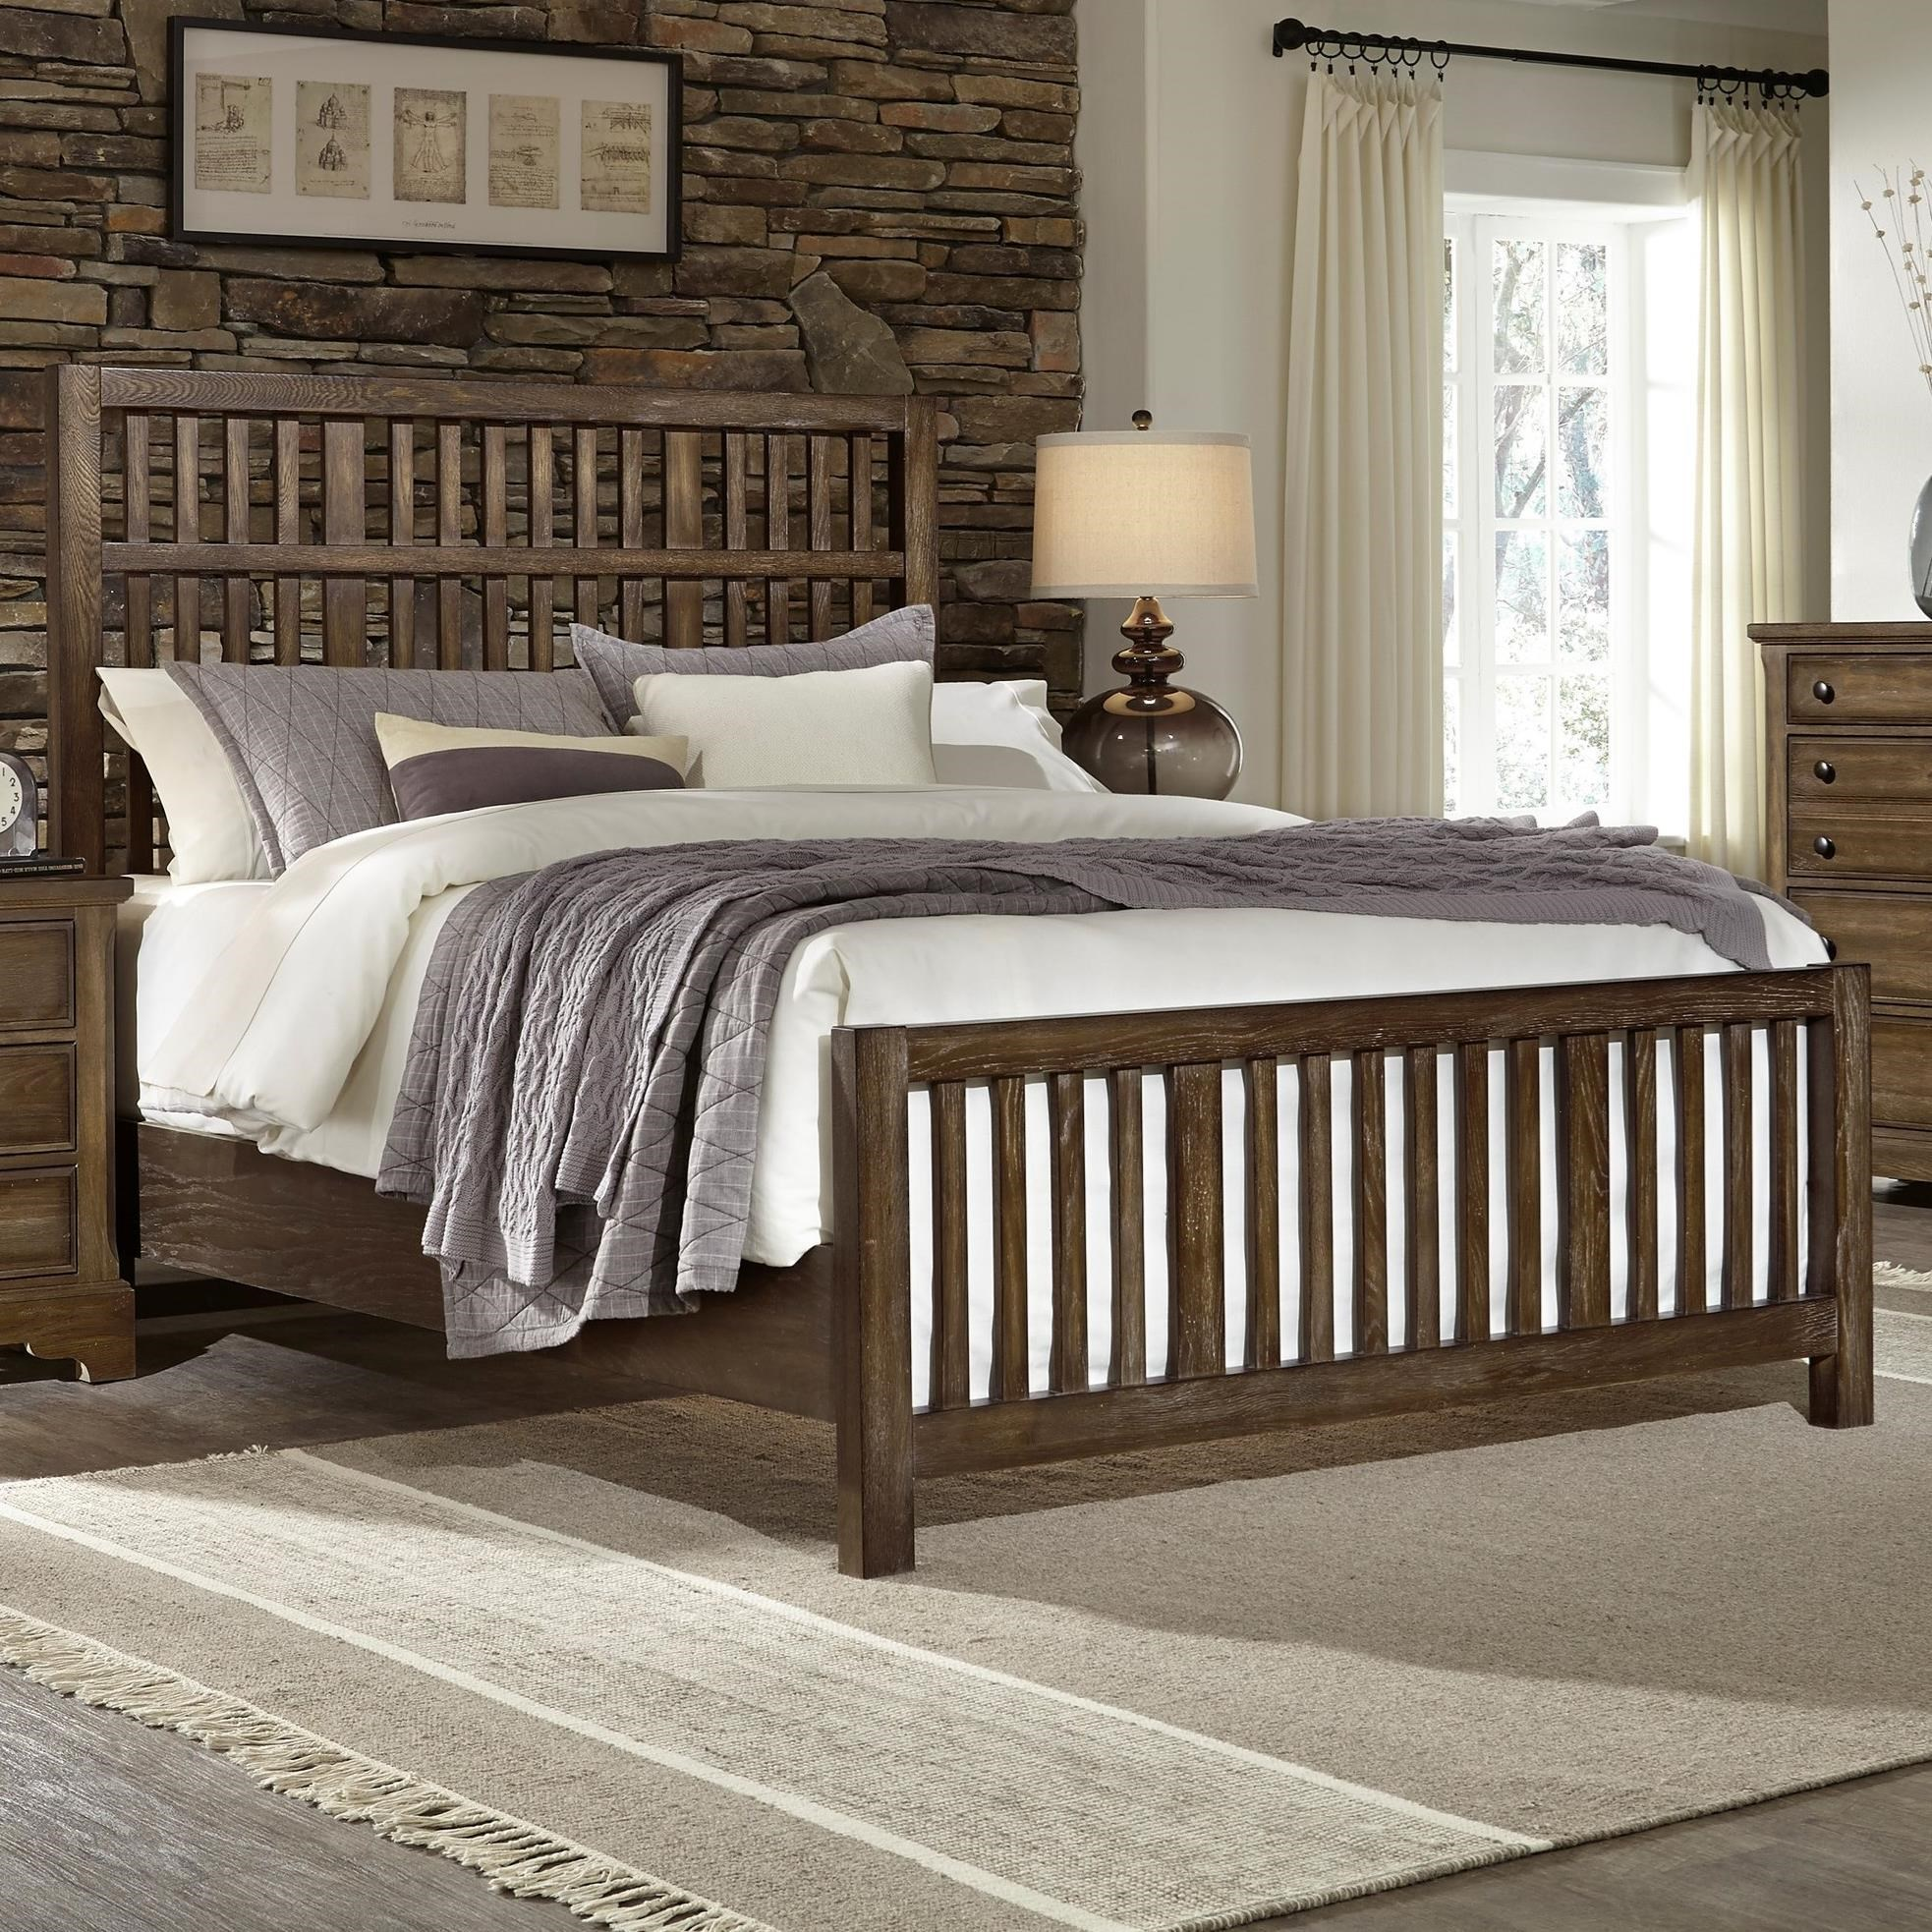 Artisan Choices King Craftsman Slat Bed by Artisan & Post at Lapeer Furniture & Mattress Center